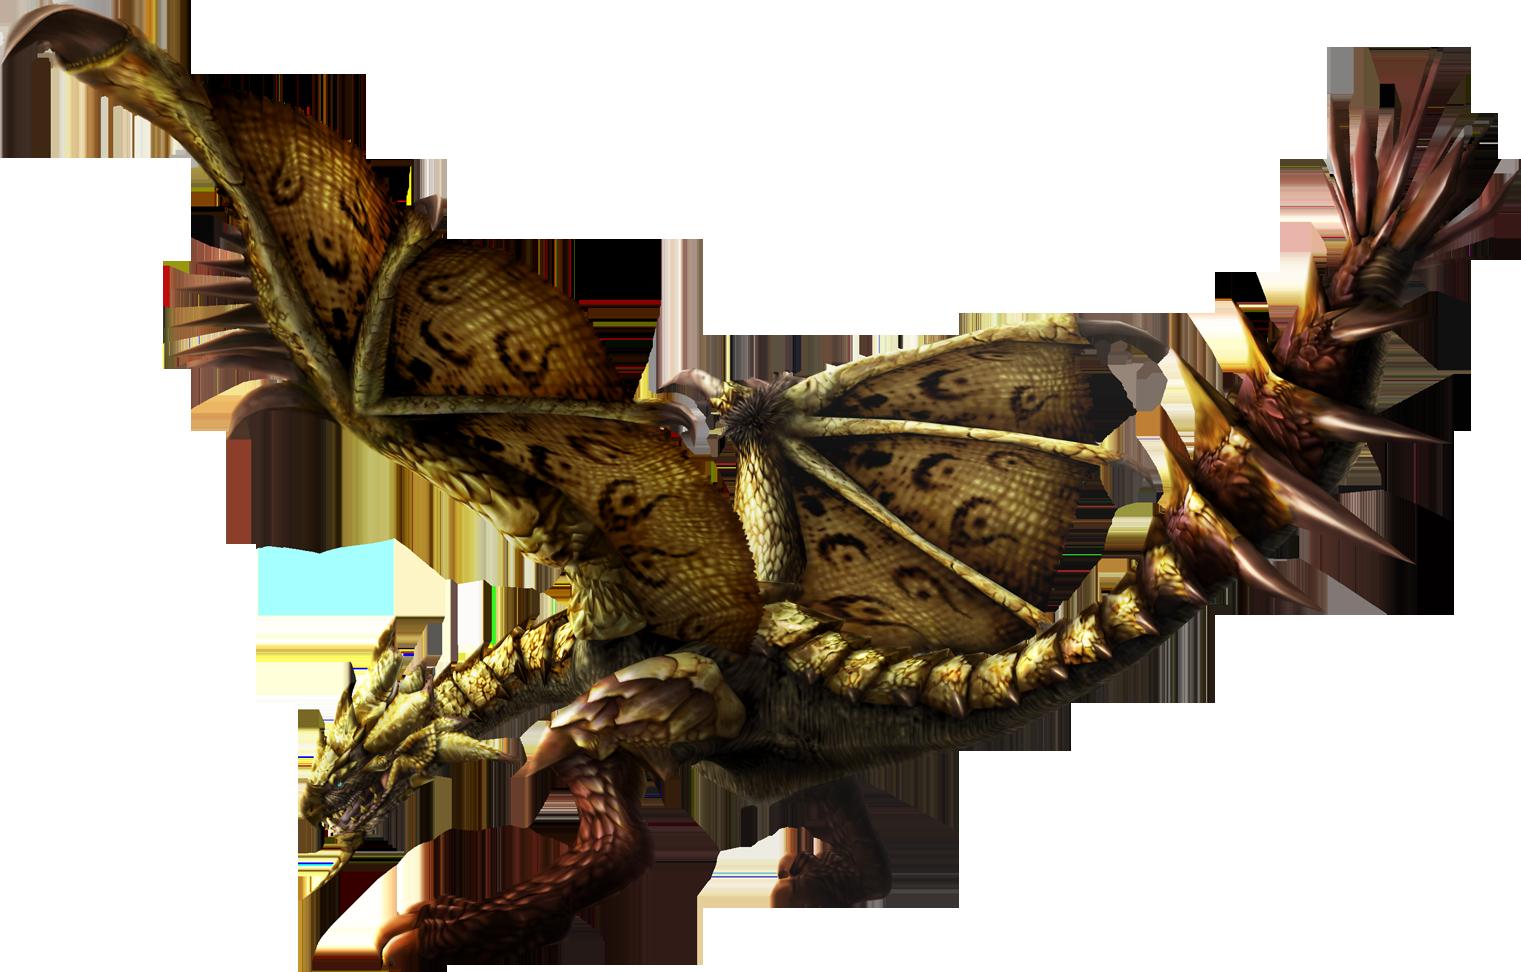 Monster - Wikipedia